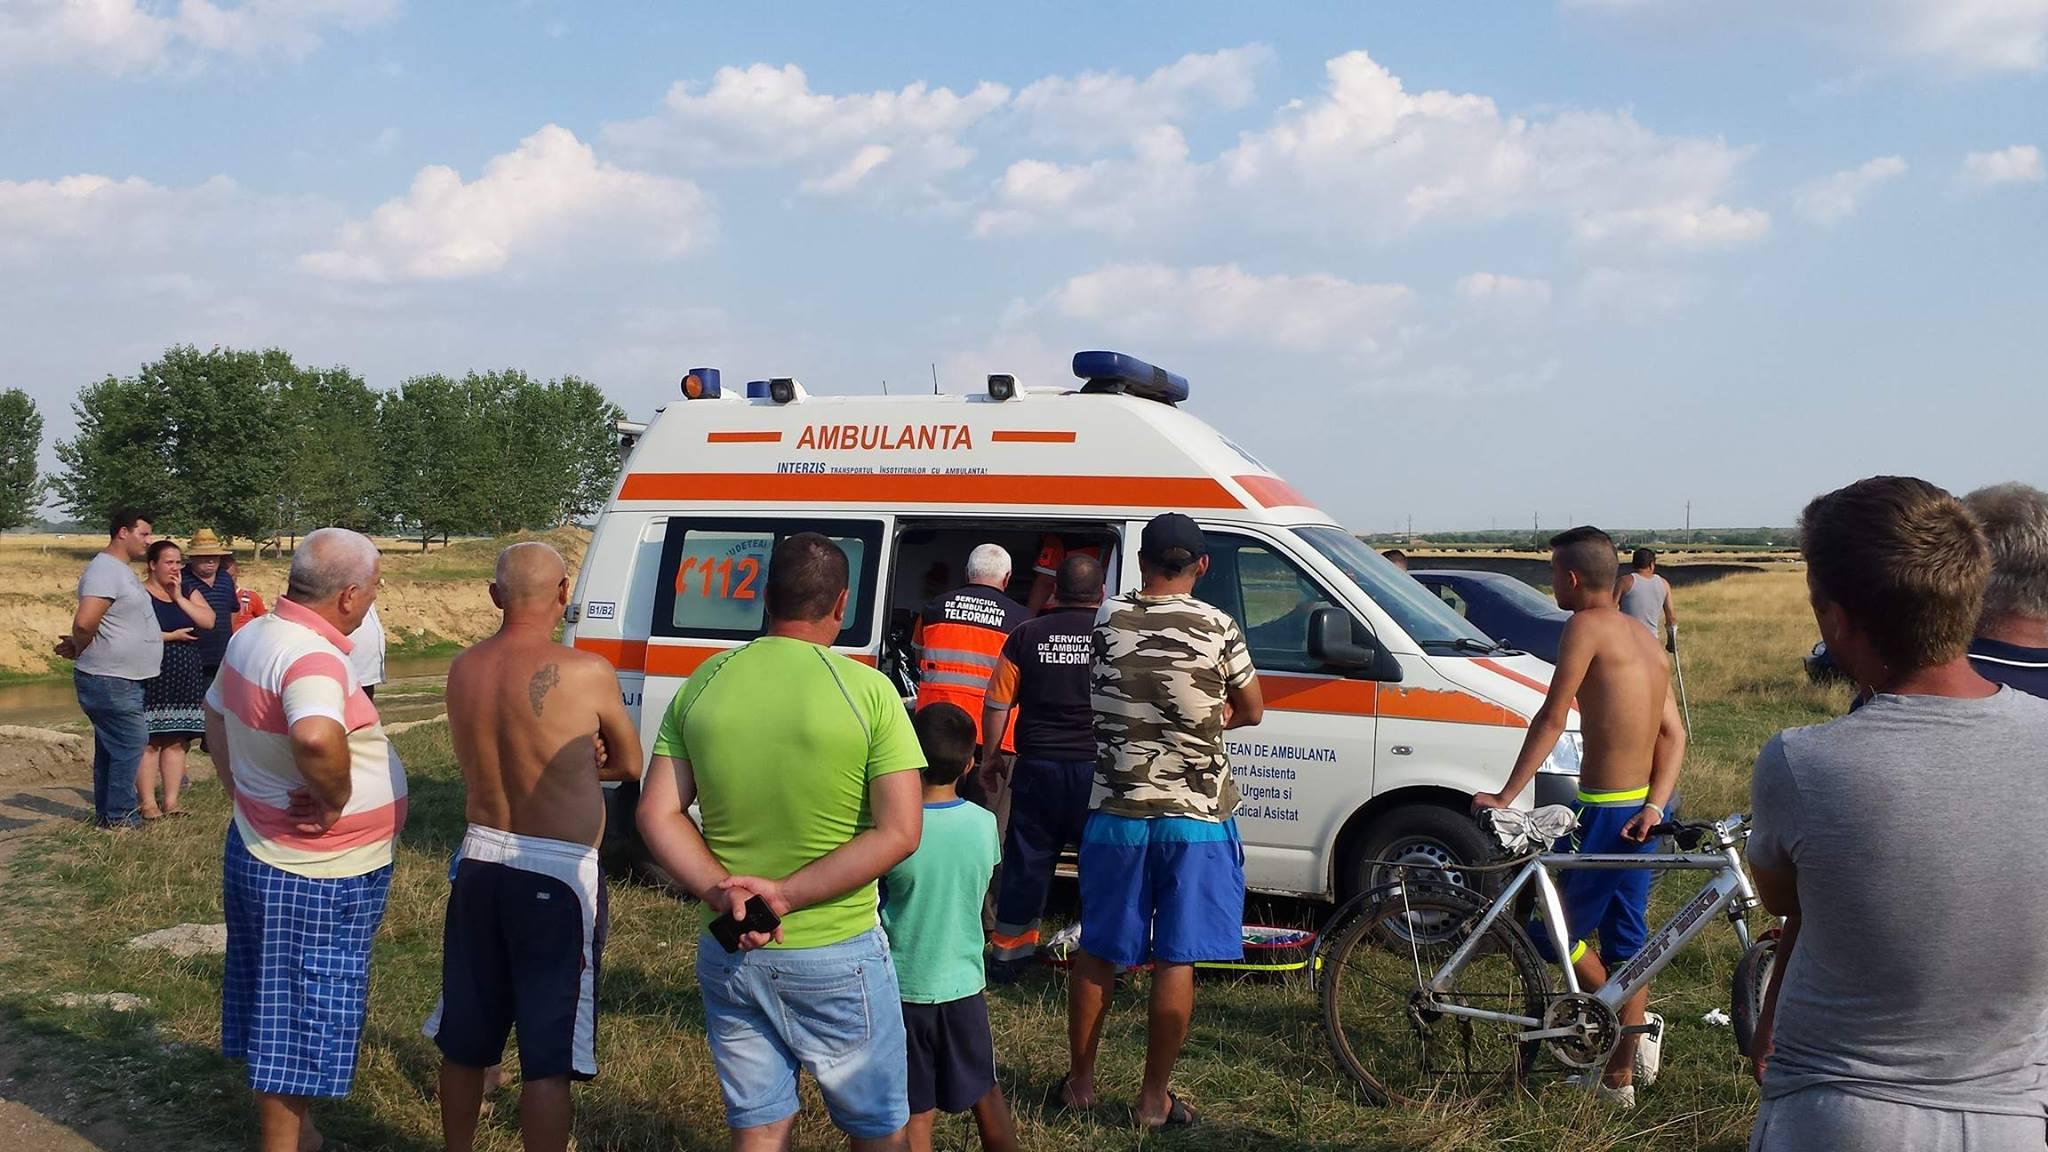 Un băiat din comuna Plosca s-a înecat în râul Vedea. Medicii au început manevrele de resuscitare